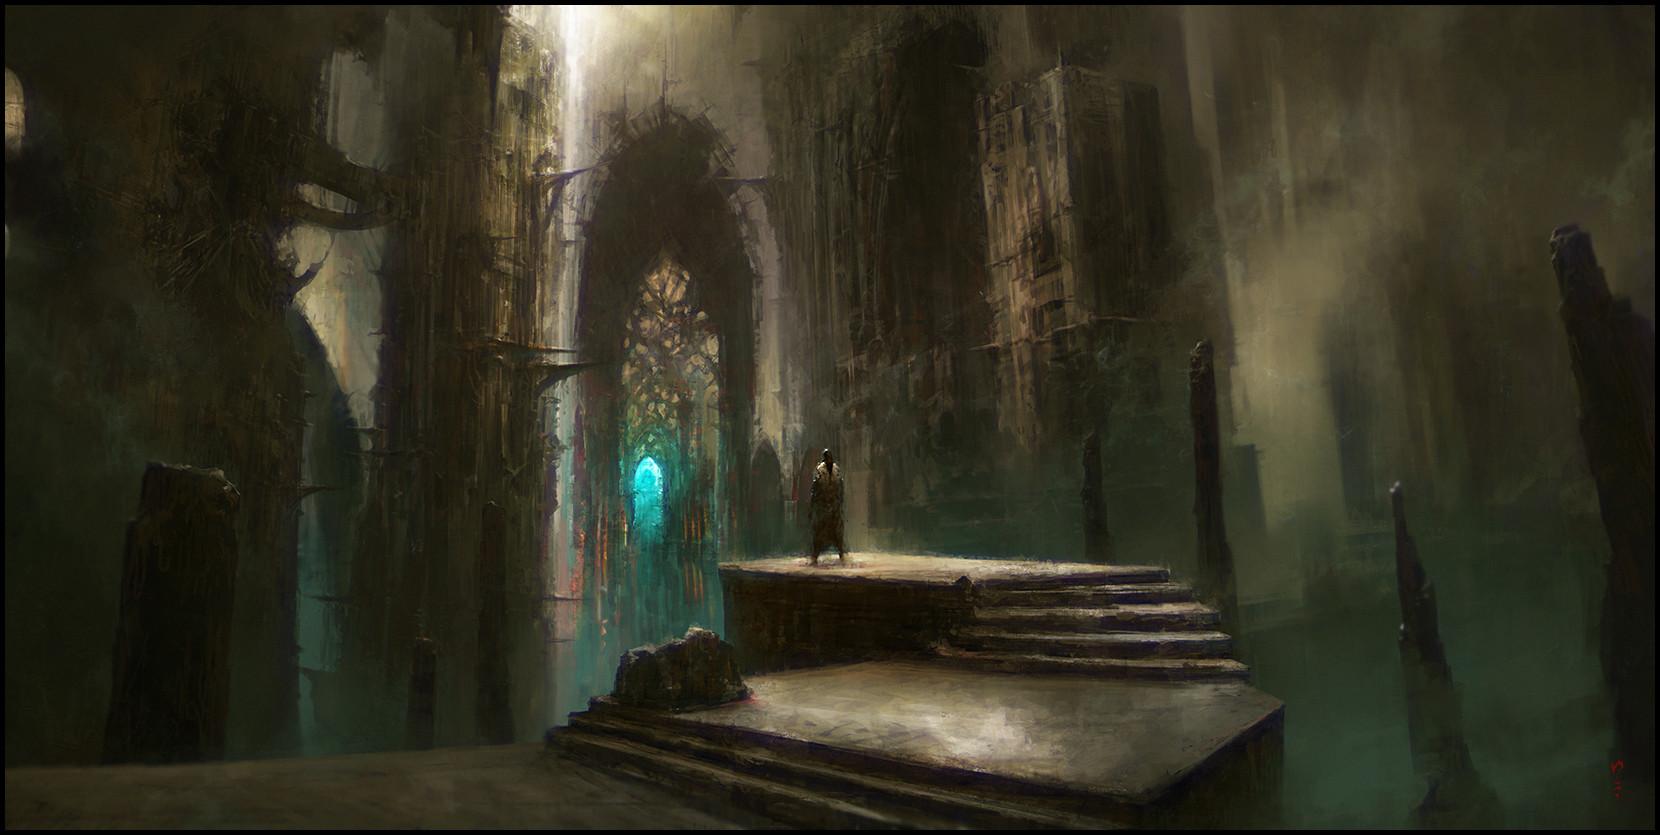 Chris cold castleworld 4